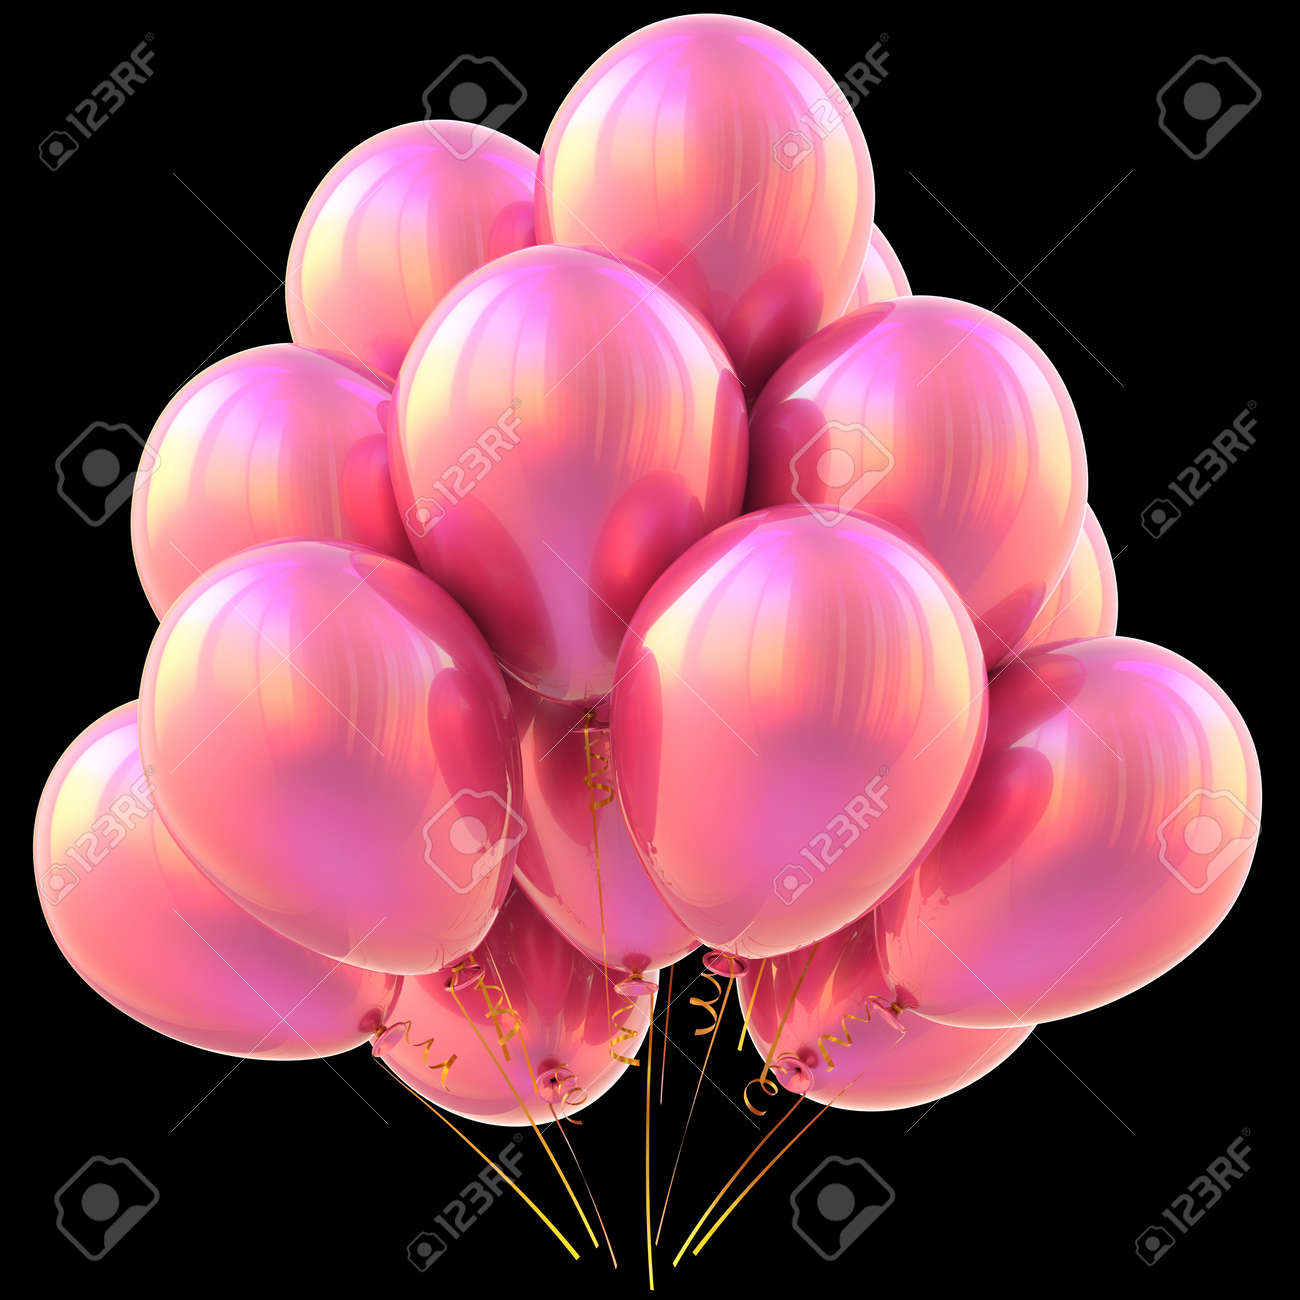 Ballons Rosa Alles Gute Zum Geburtstag Party Dekoration Glanzend